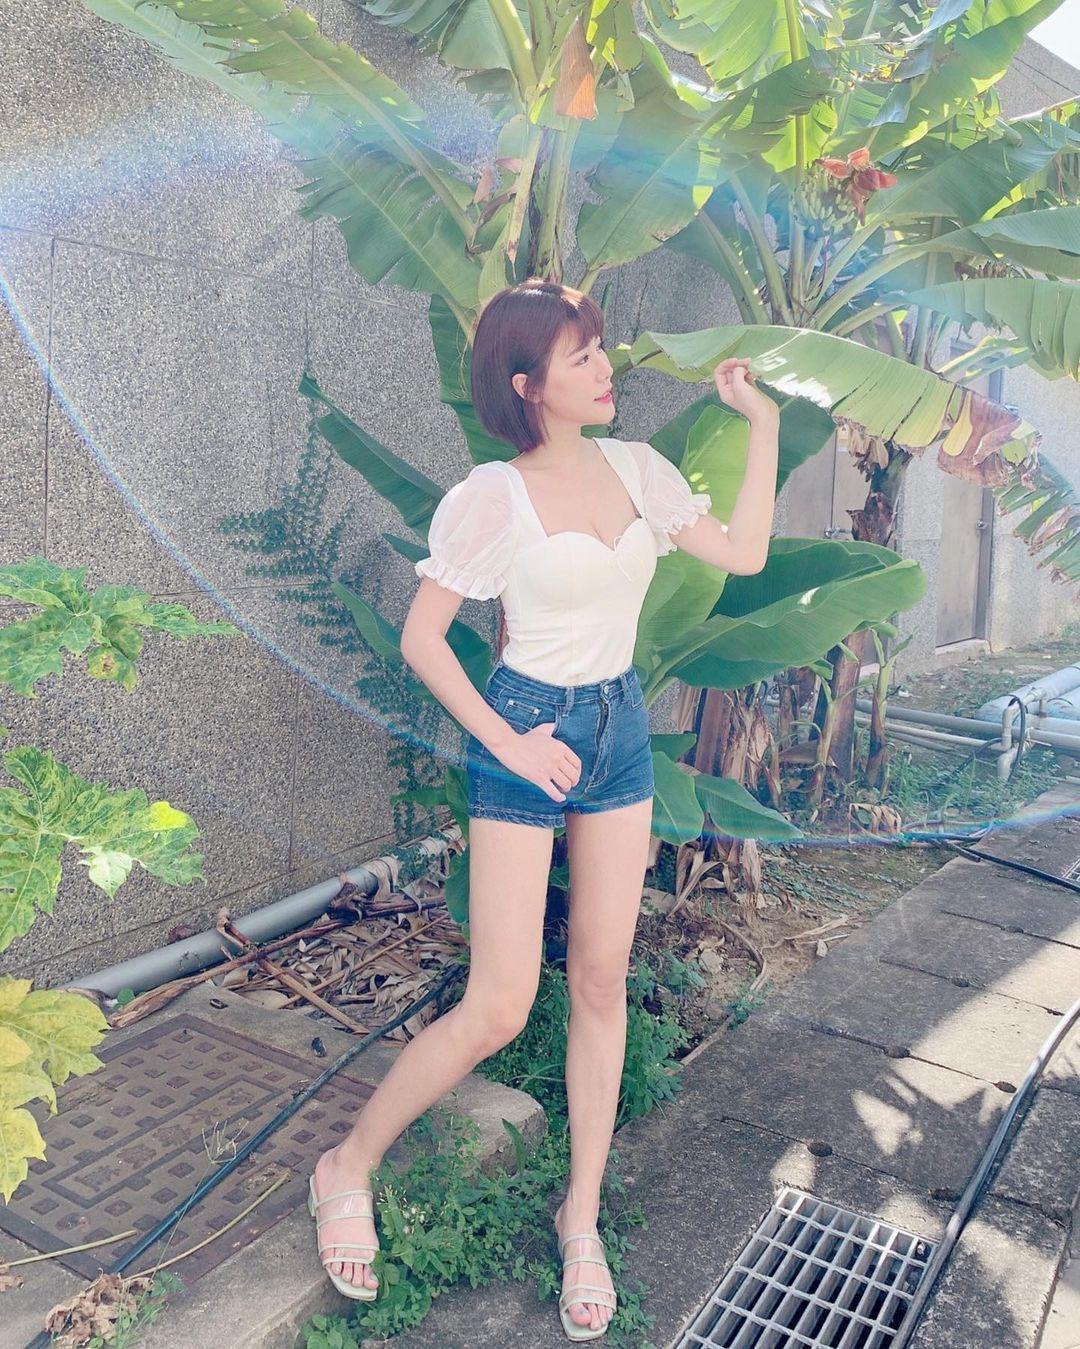 青春活力的阳光正妹,啦啦队短发系女神「陈波波」!-新图包